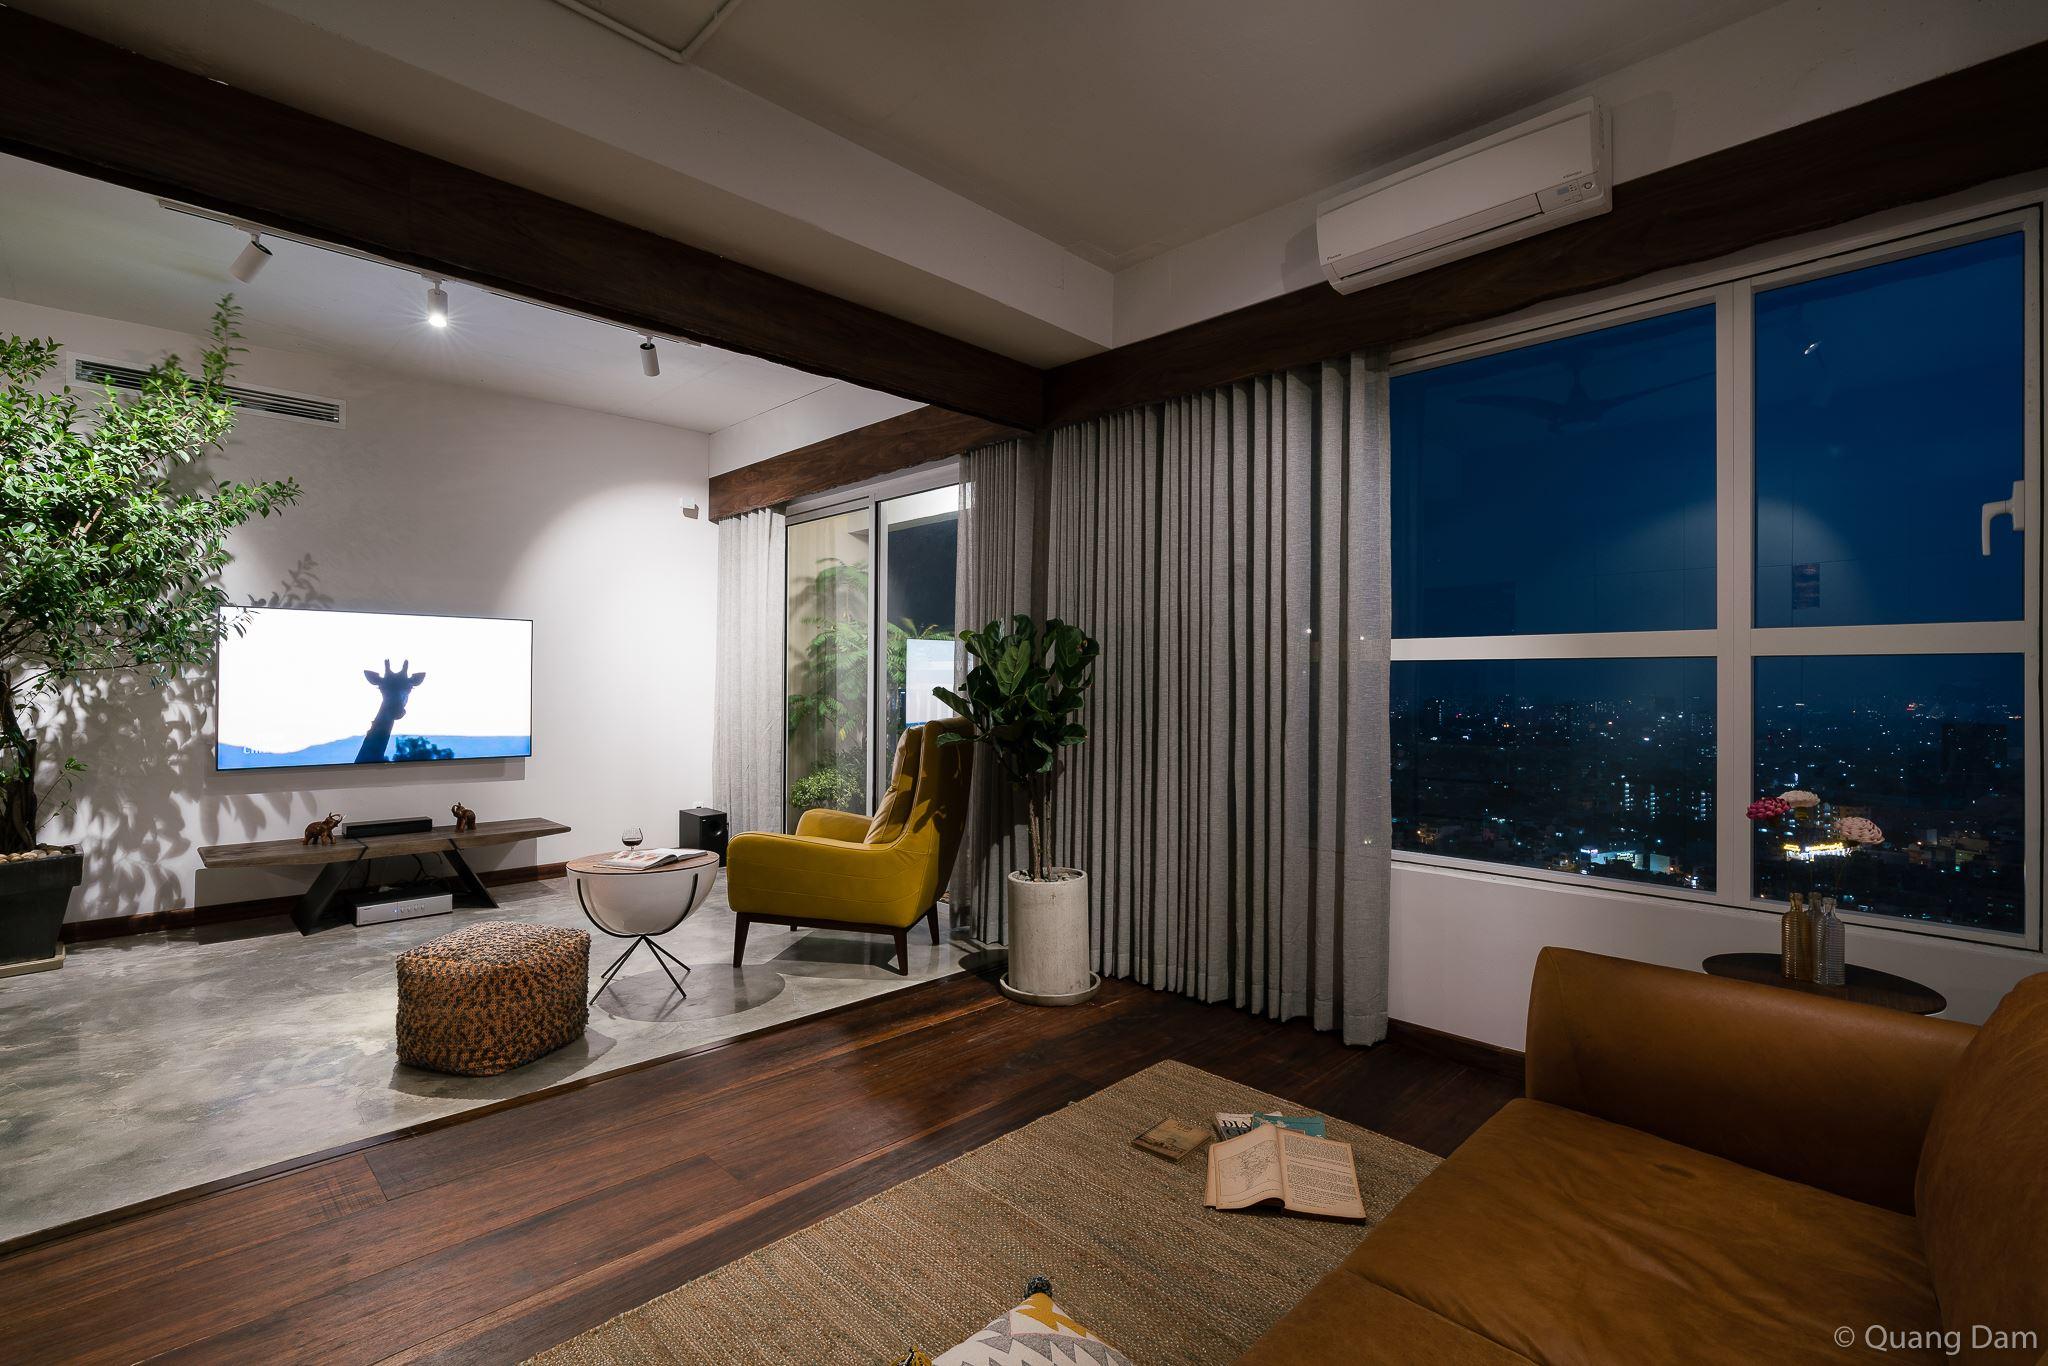 Nội thất căn hộ 1 phòng ngủ với điểm nhấn gỗ và cây xanh - Nhà Đẹp Số (9)